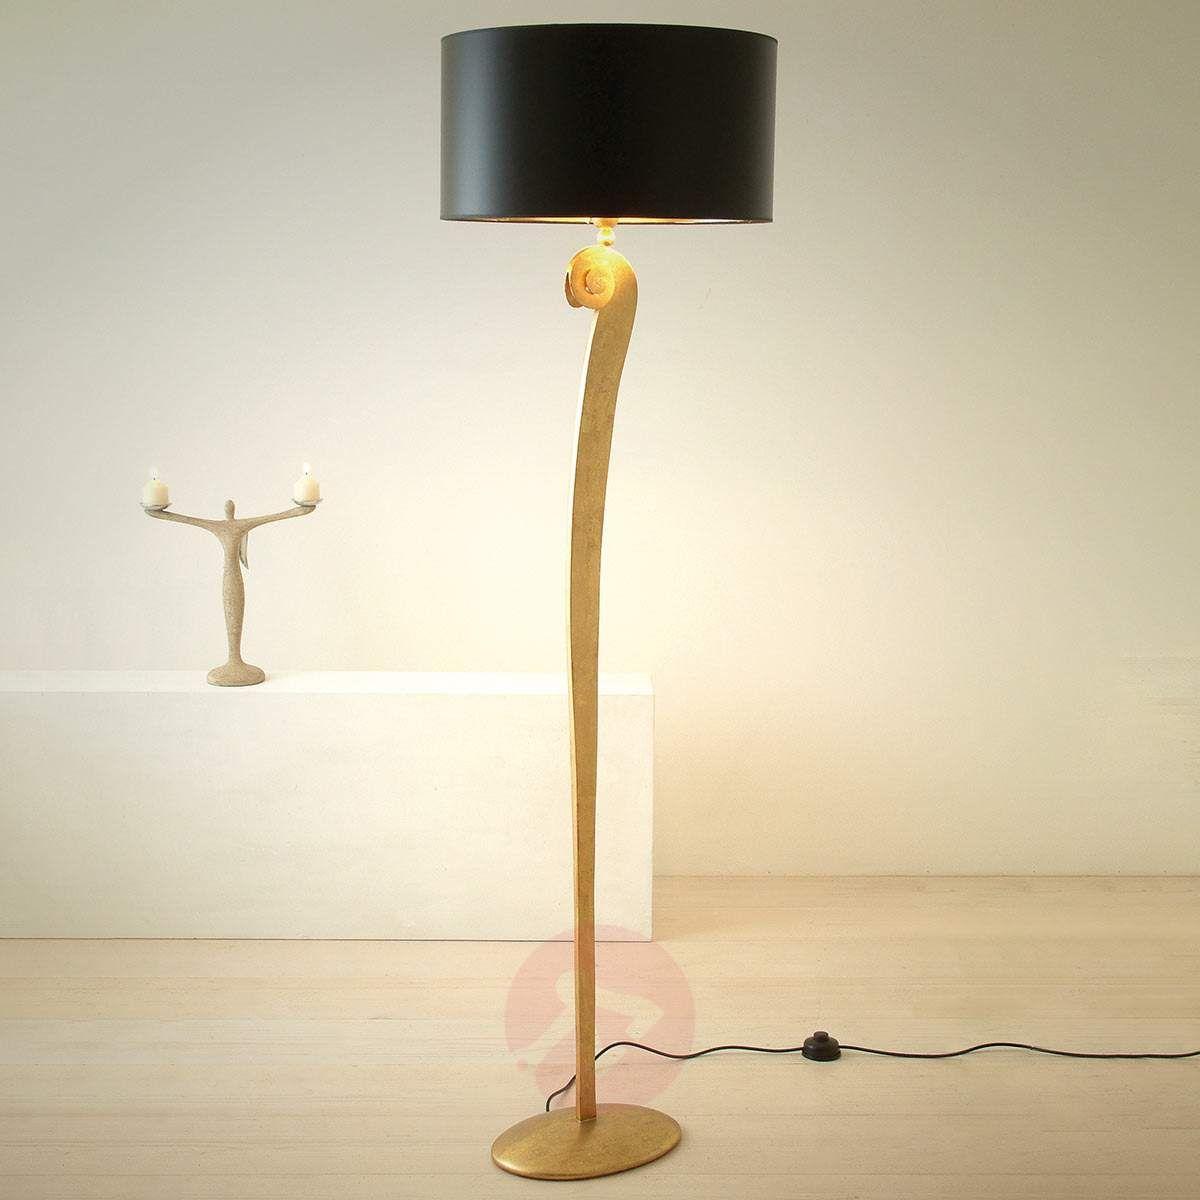 lampy stojace do salonu stylowe